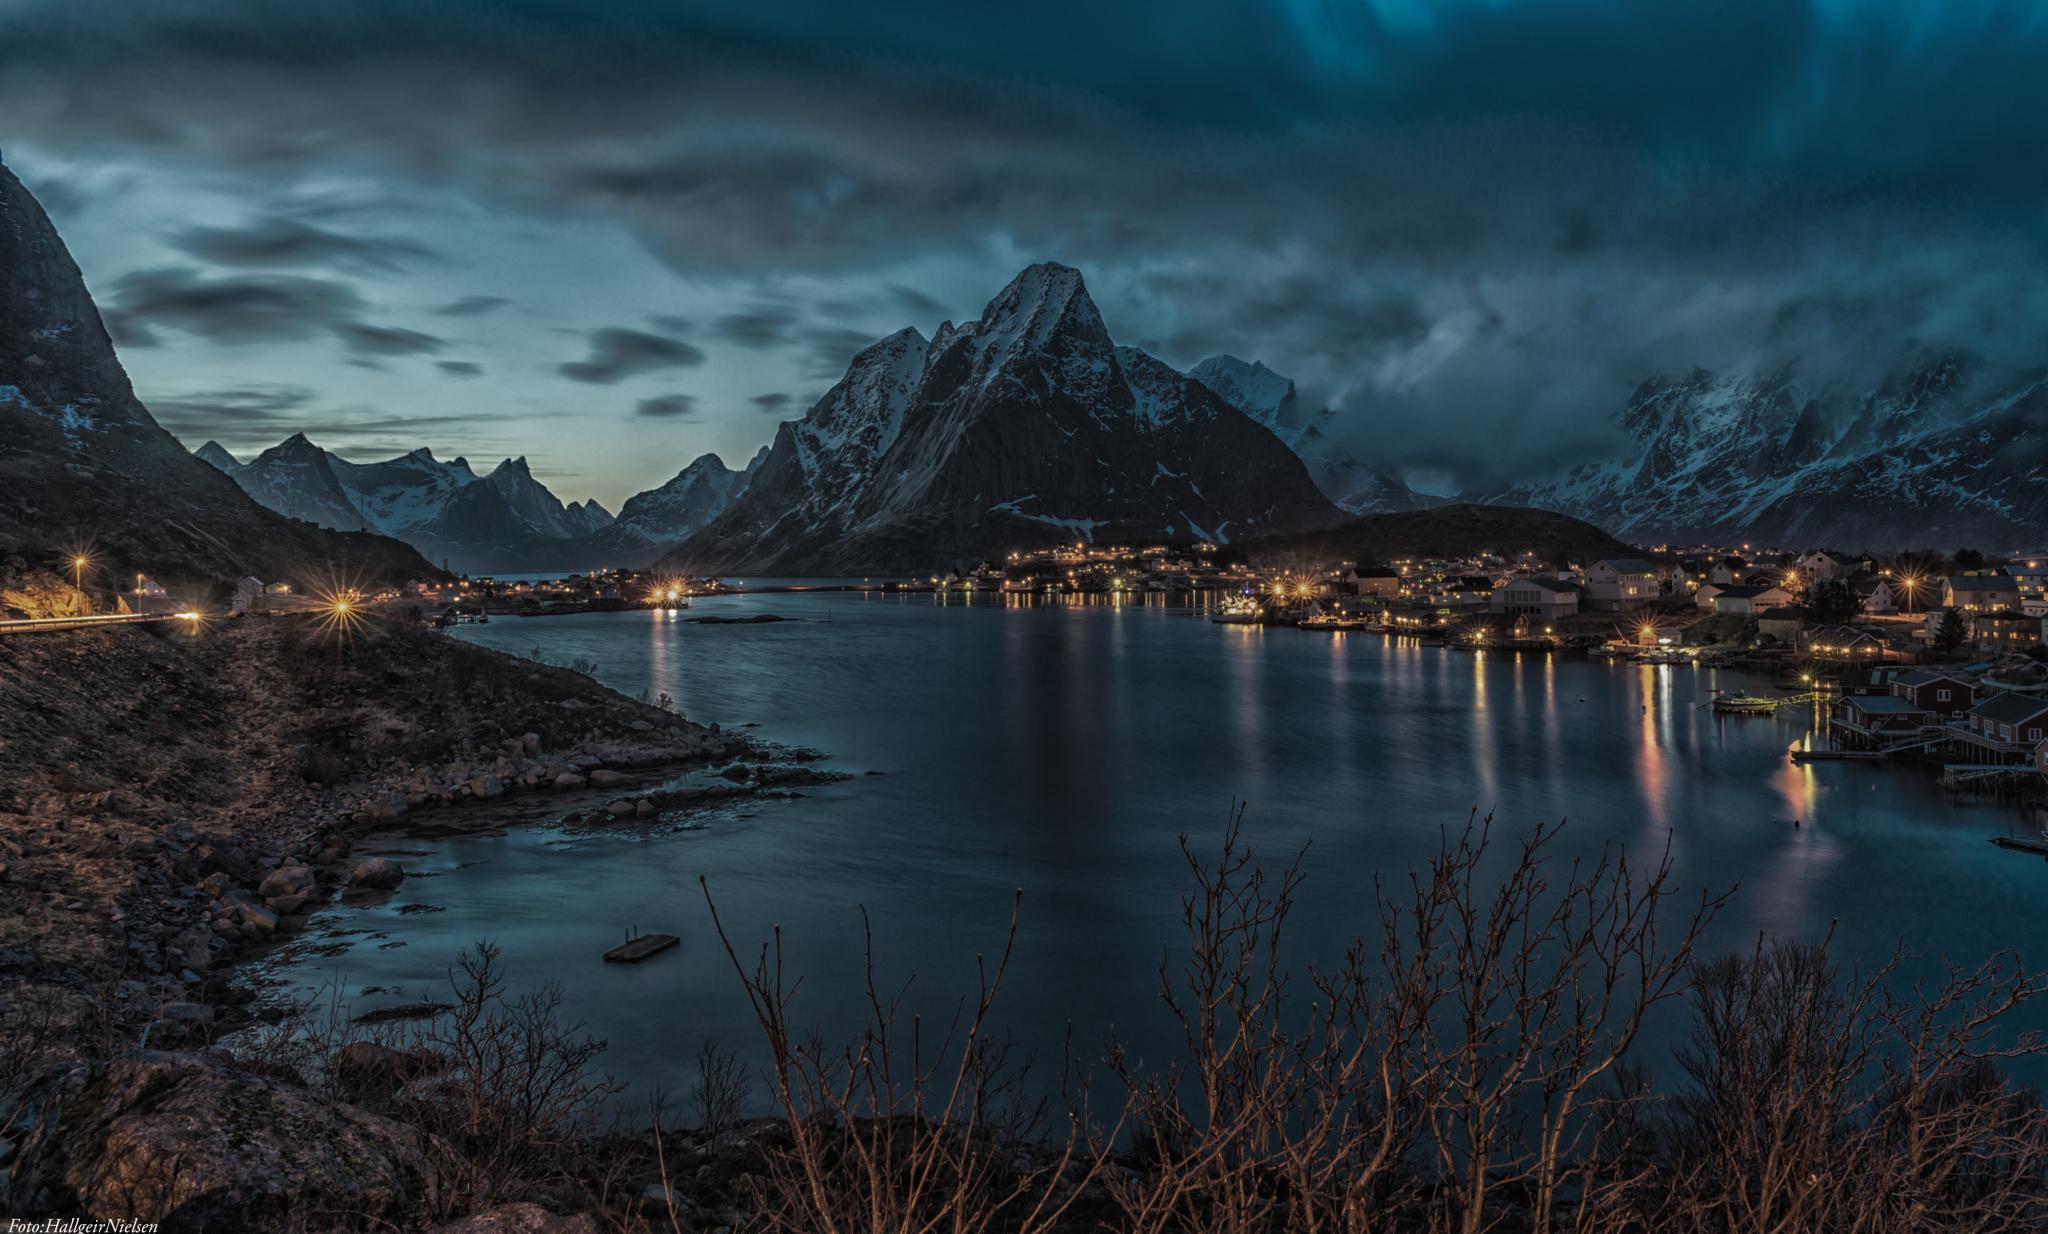 Blue hour in Reine Lofoten by Hallgeir Nielsen